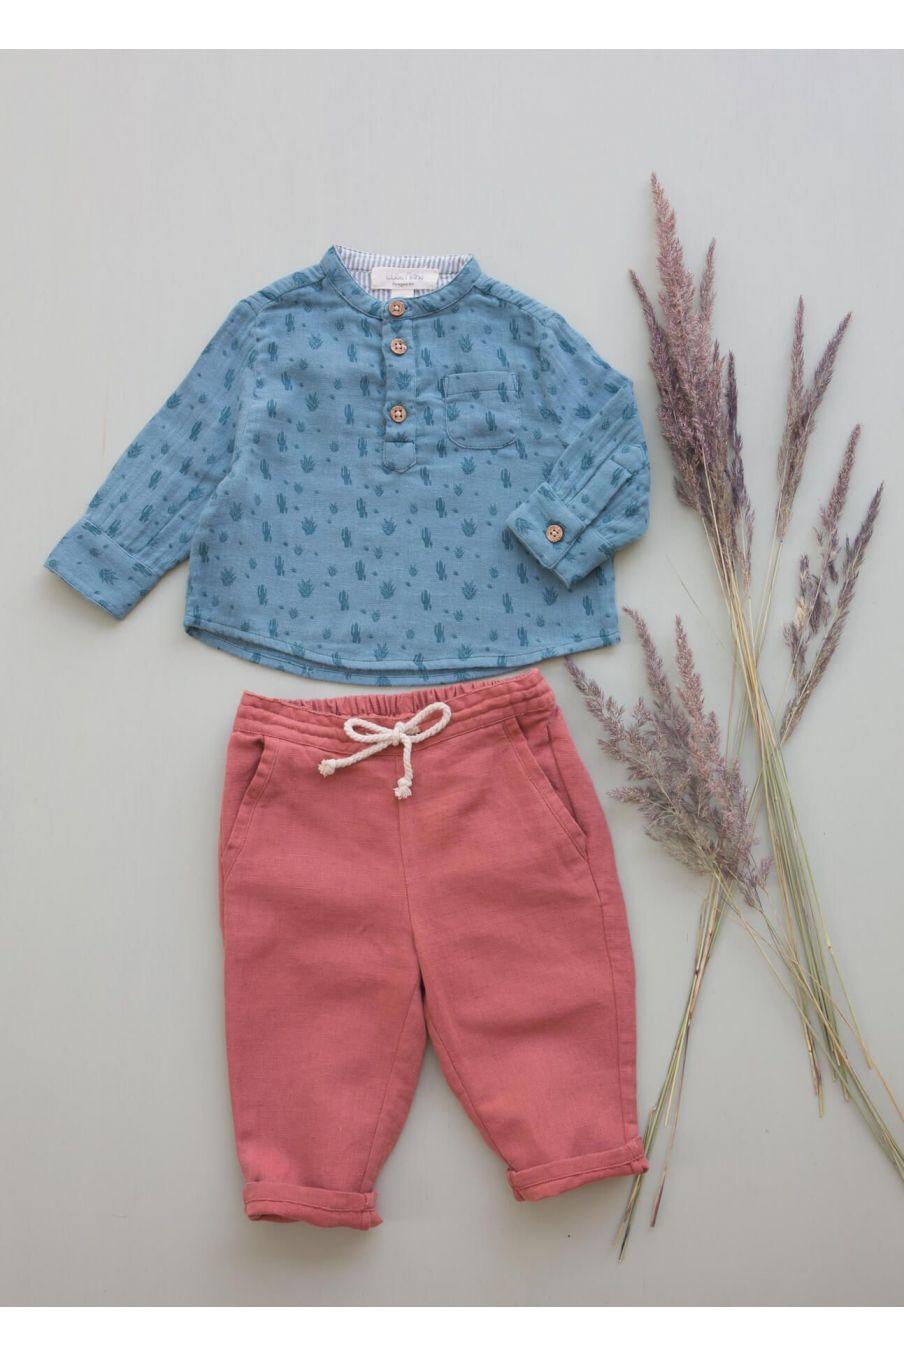 boheme chic vintage chemise bébé garcon amano storm cactus